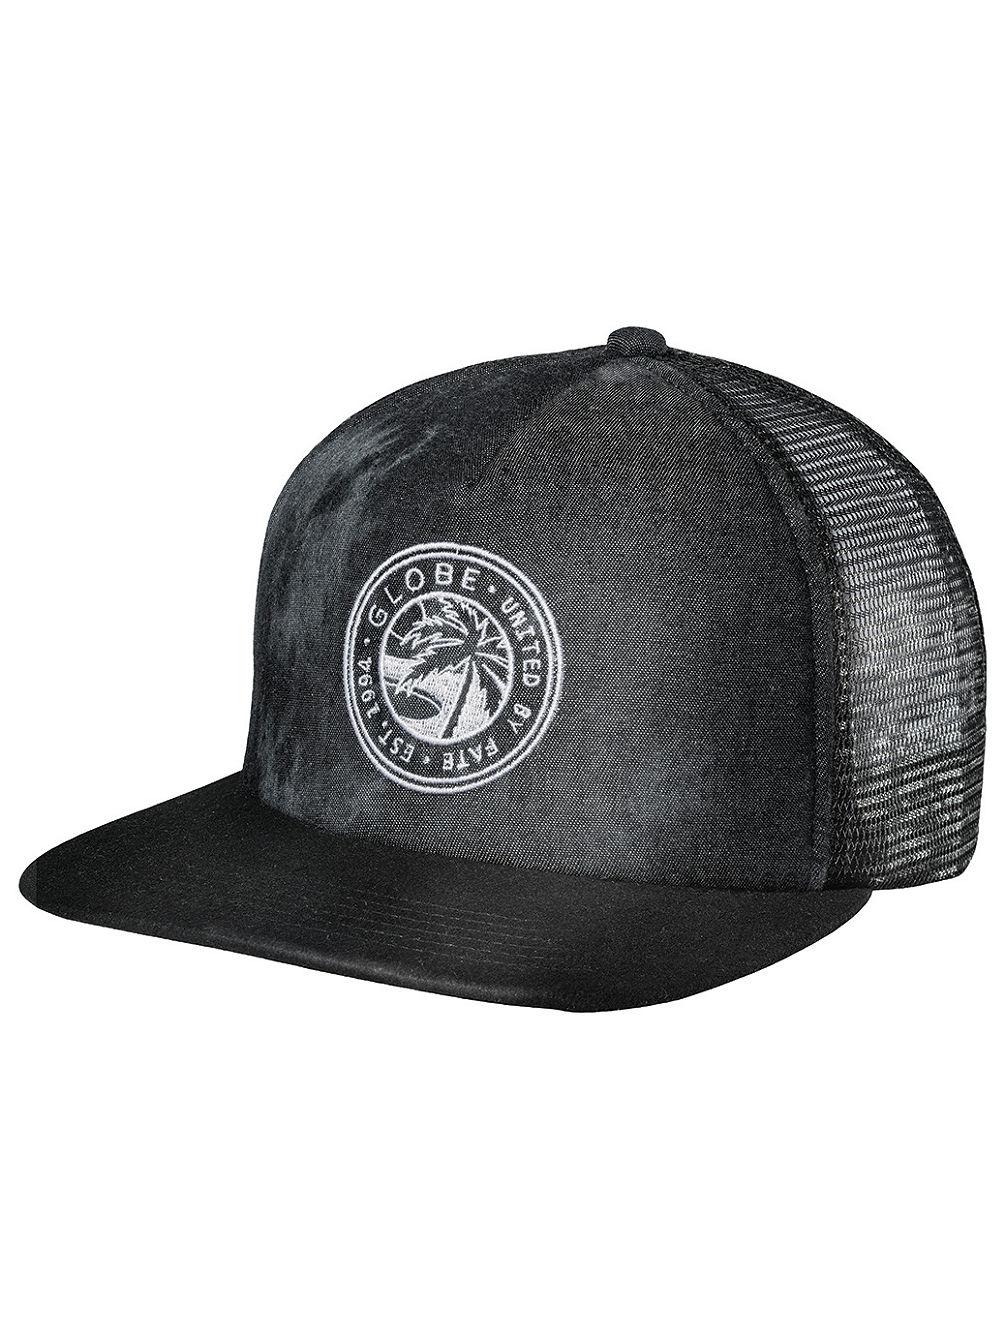 globe-roycroft-trucker-cap